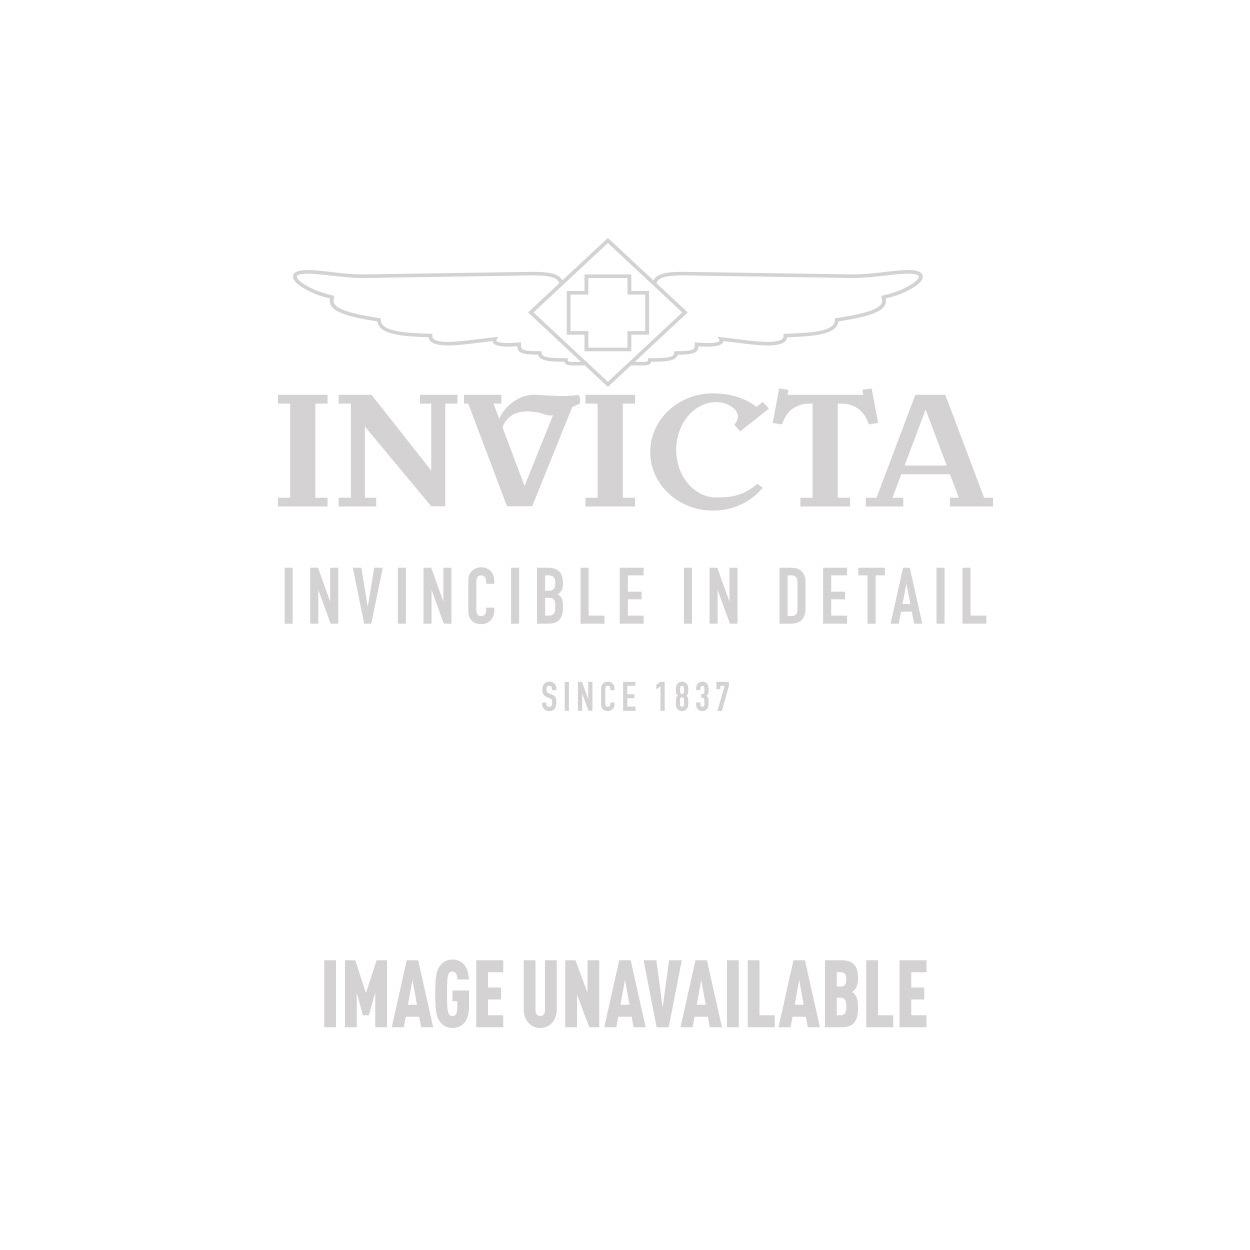 Invicta Model 27707